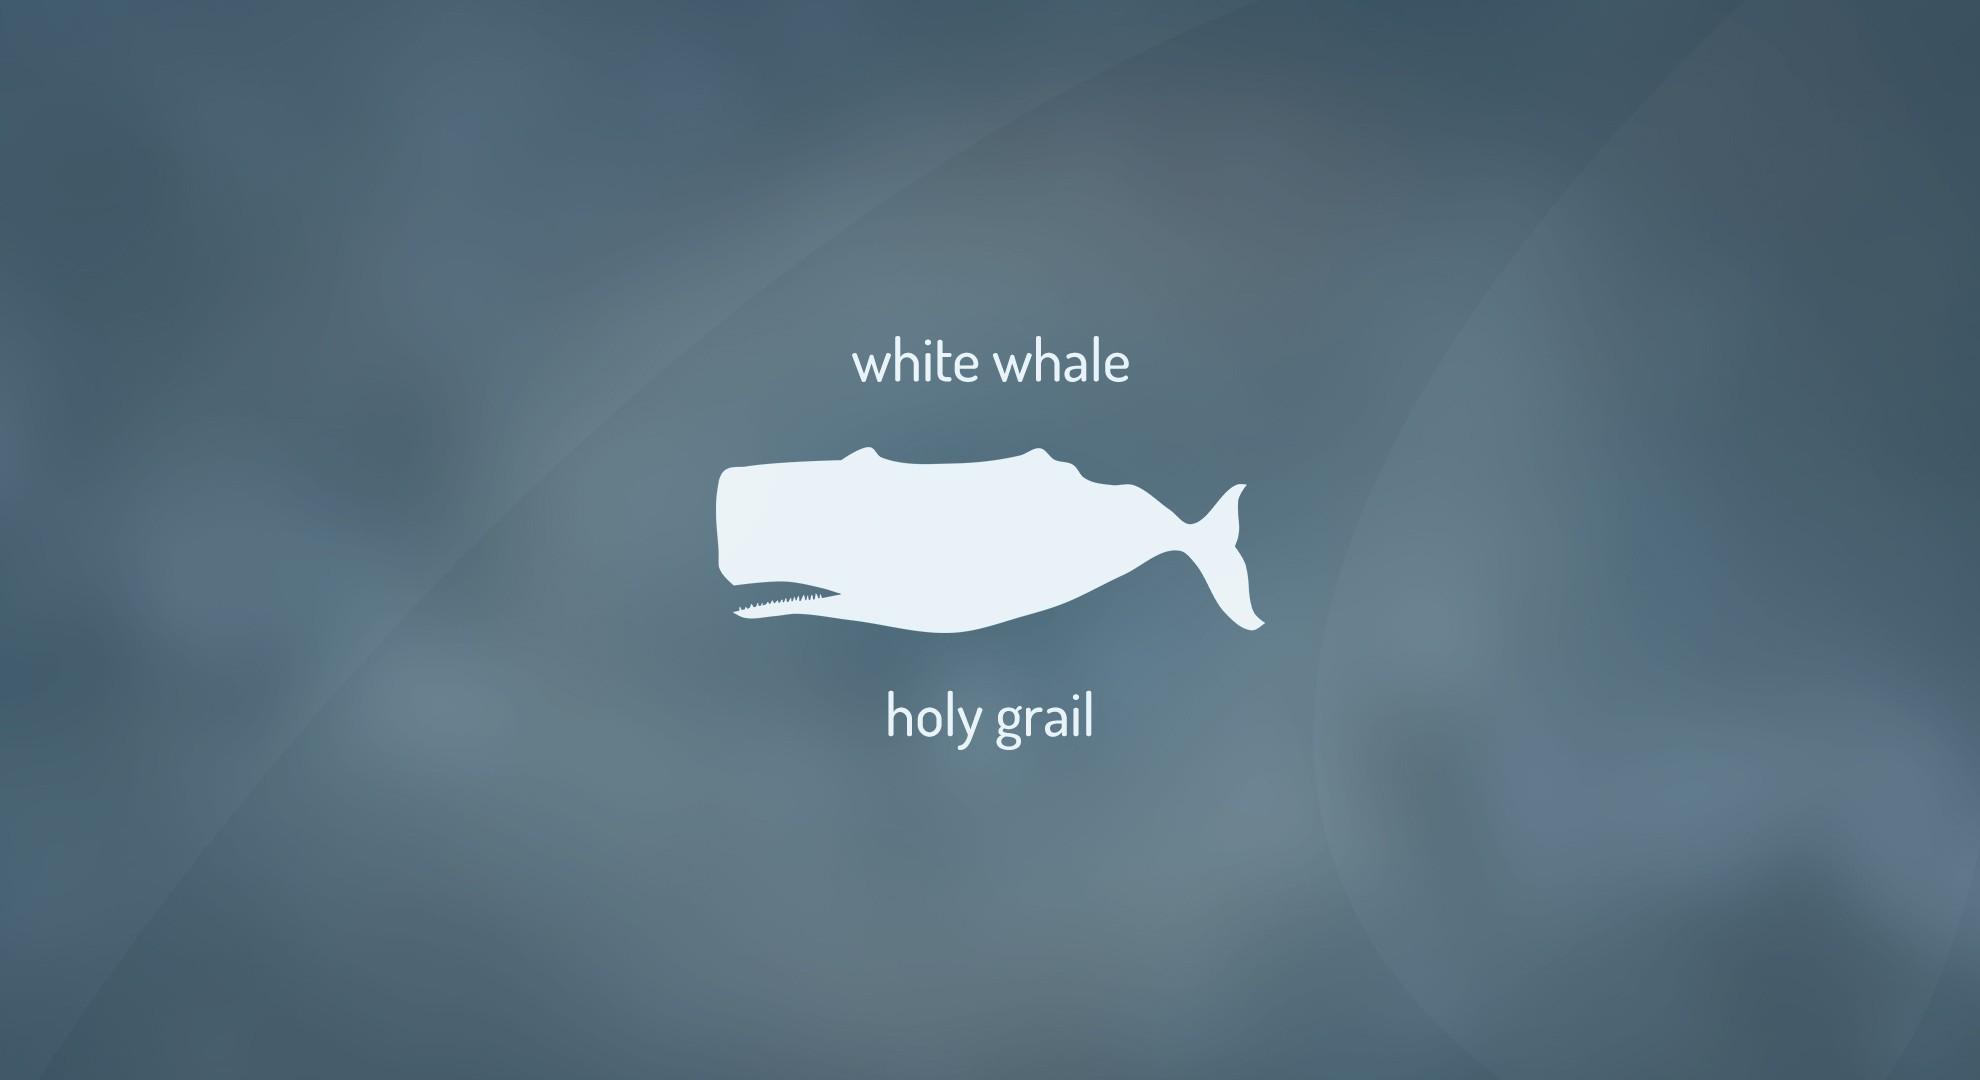 デスクトップ壁紙 ミニマリズム ロゴ 鯨 文献 ブランド